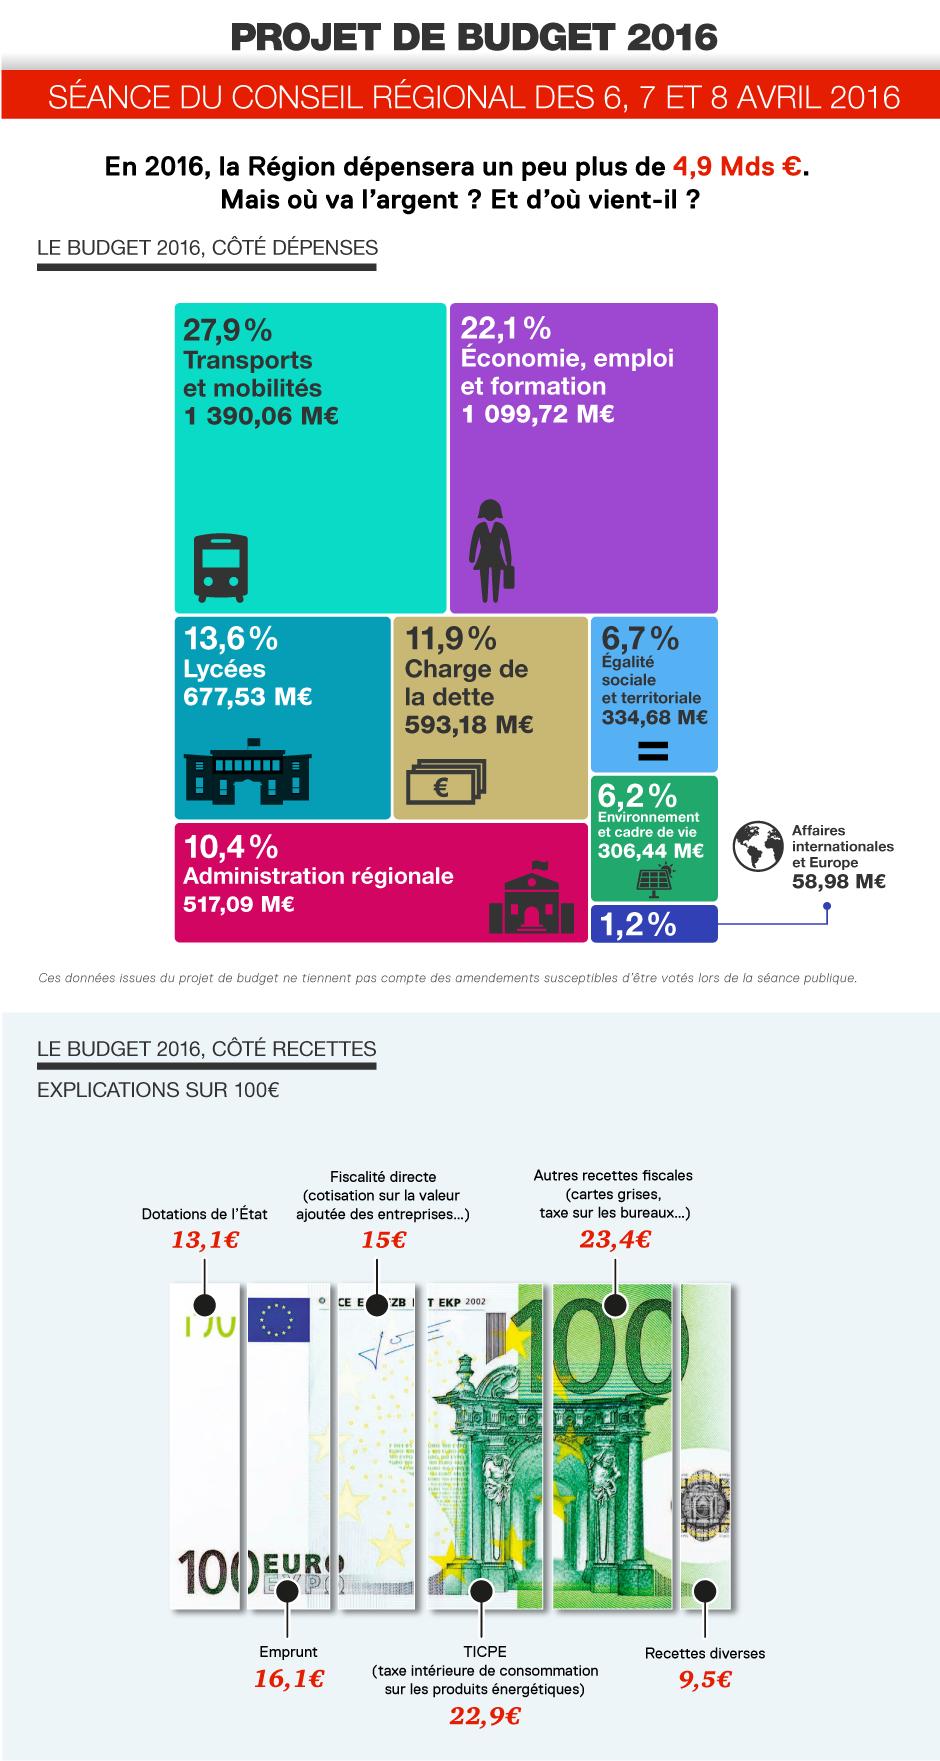 budget-idf-2016-infog-complete.png